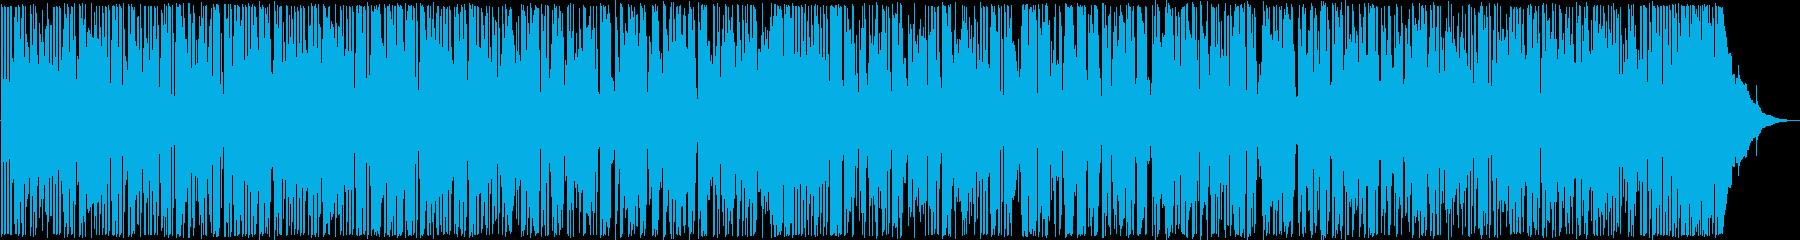 わくわく感のあるギターサウンドの再生済みの波形